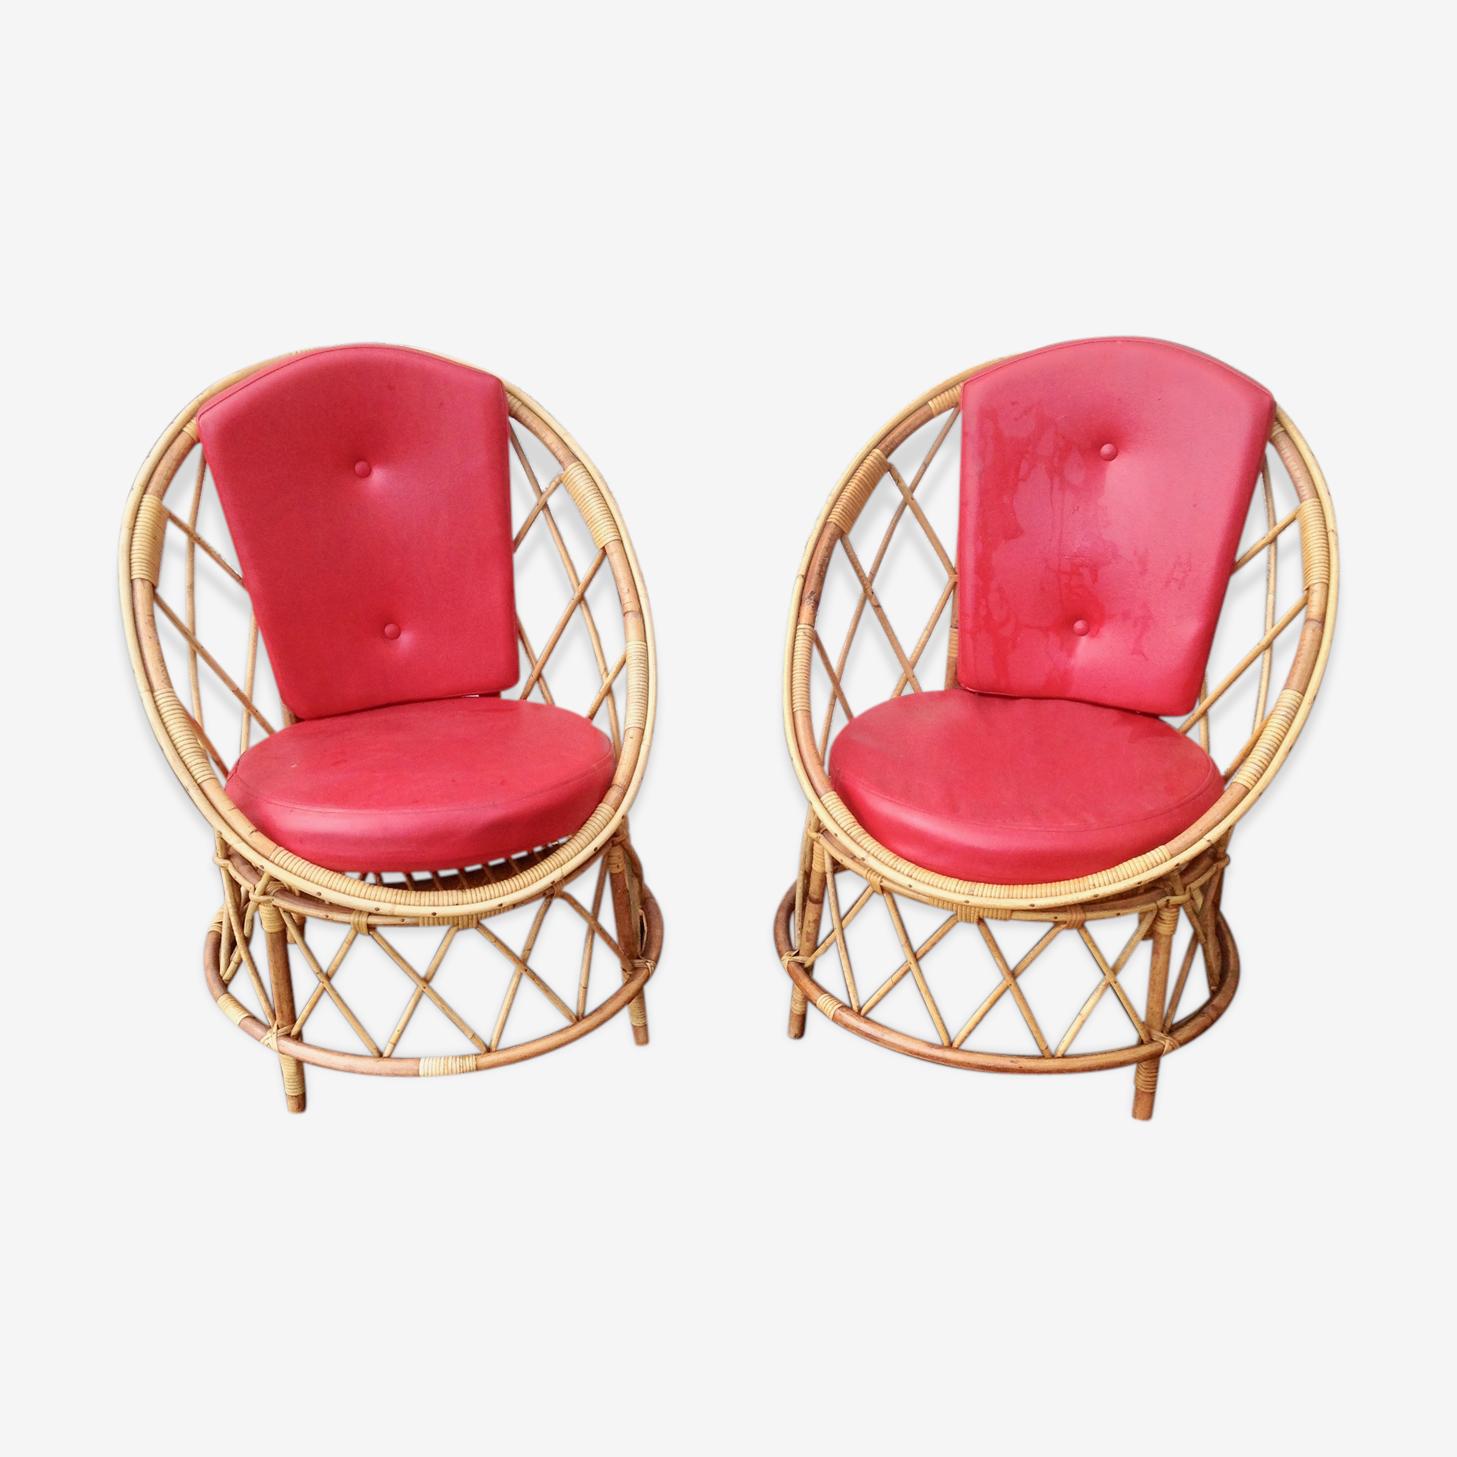 Paire de fauteuils en rotin années 60 avec galettes assises et dos en skaï rouge